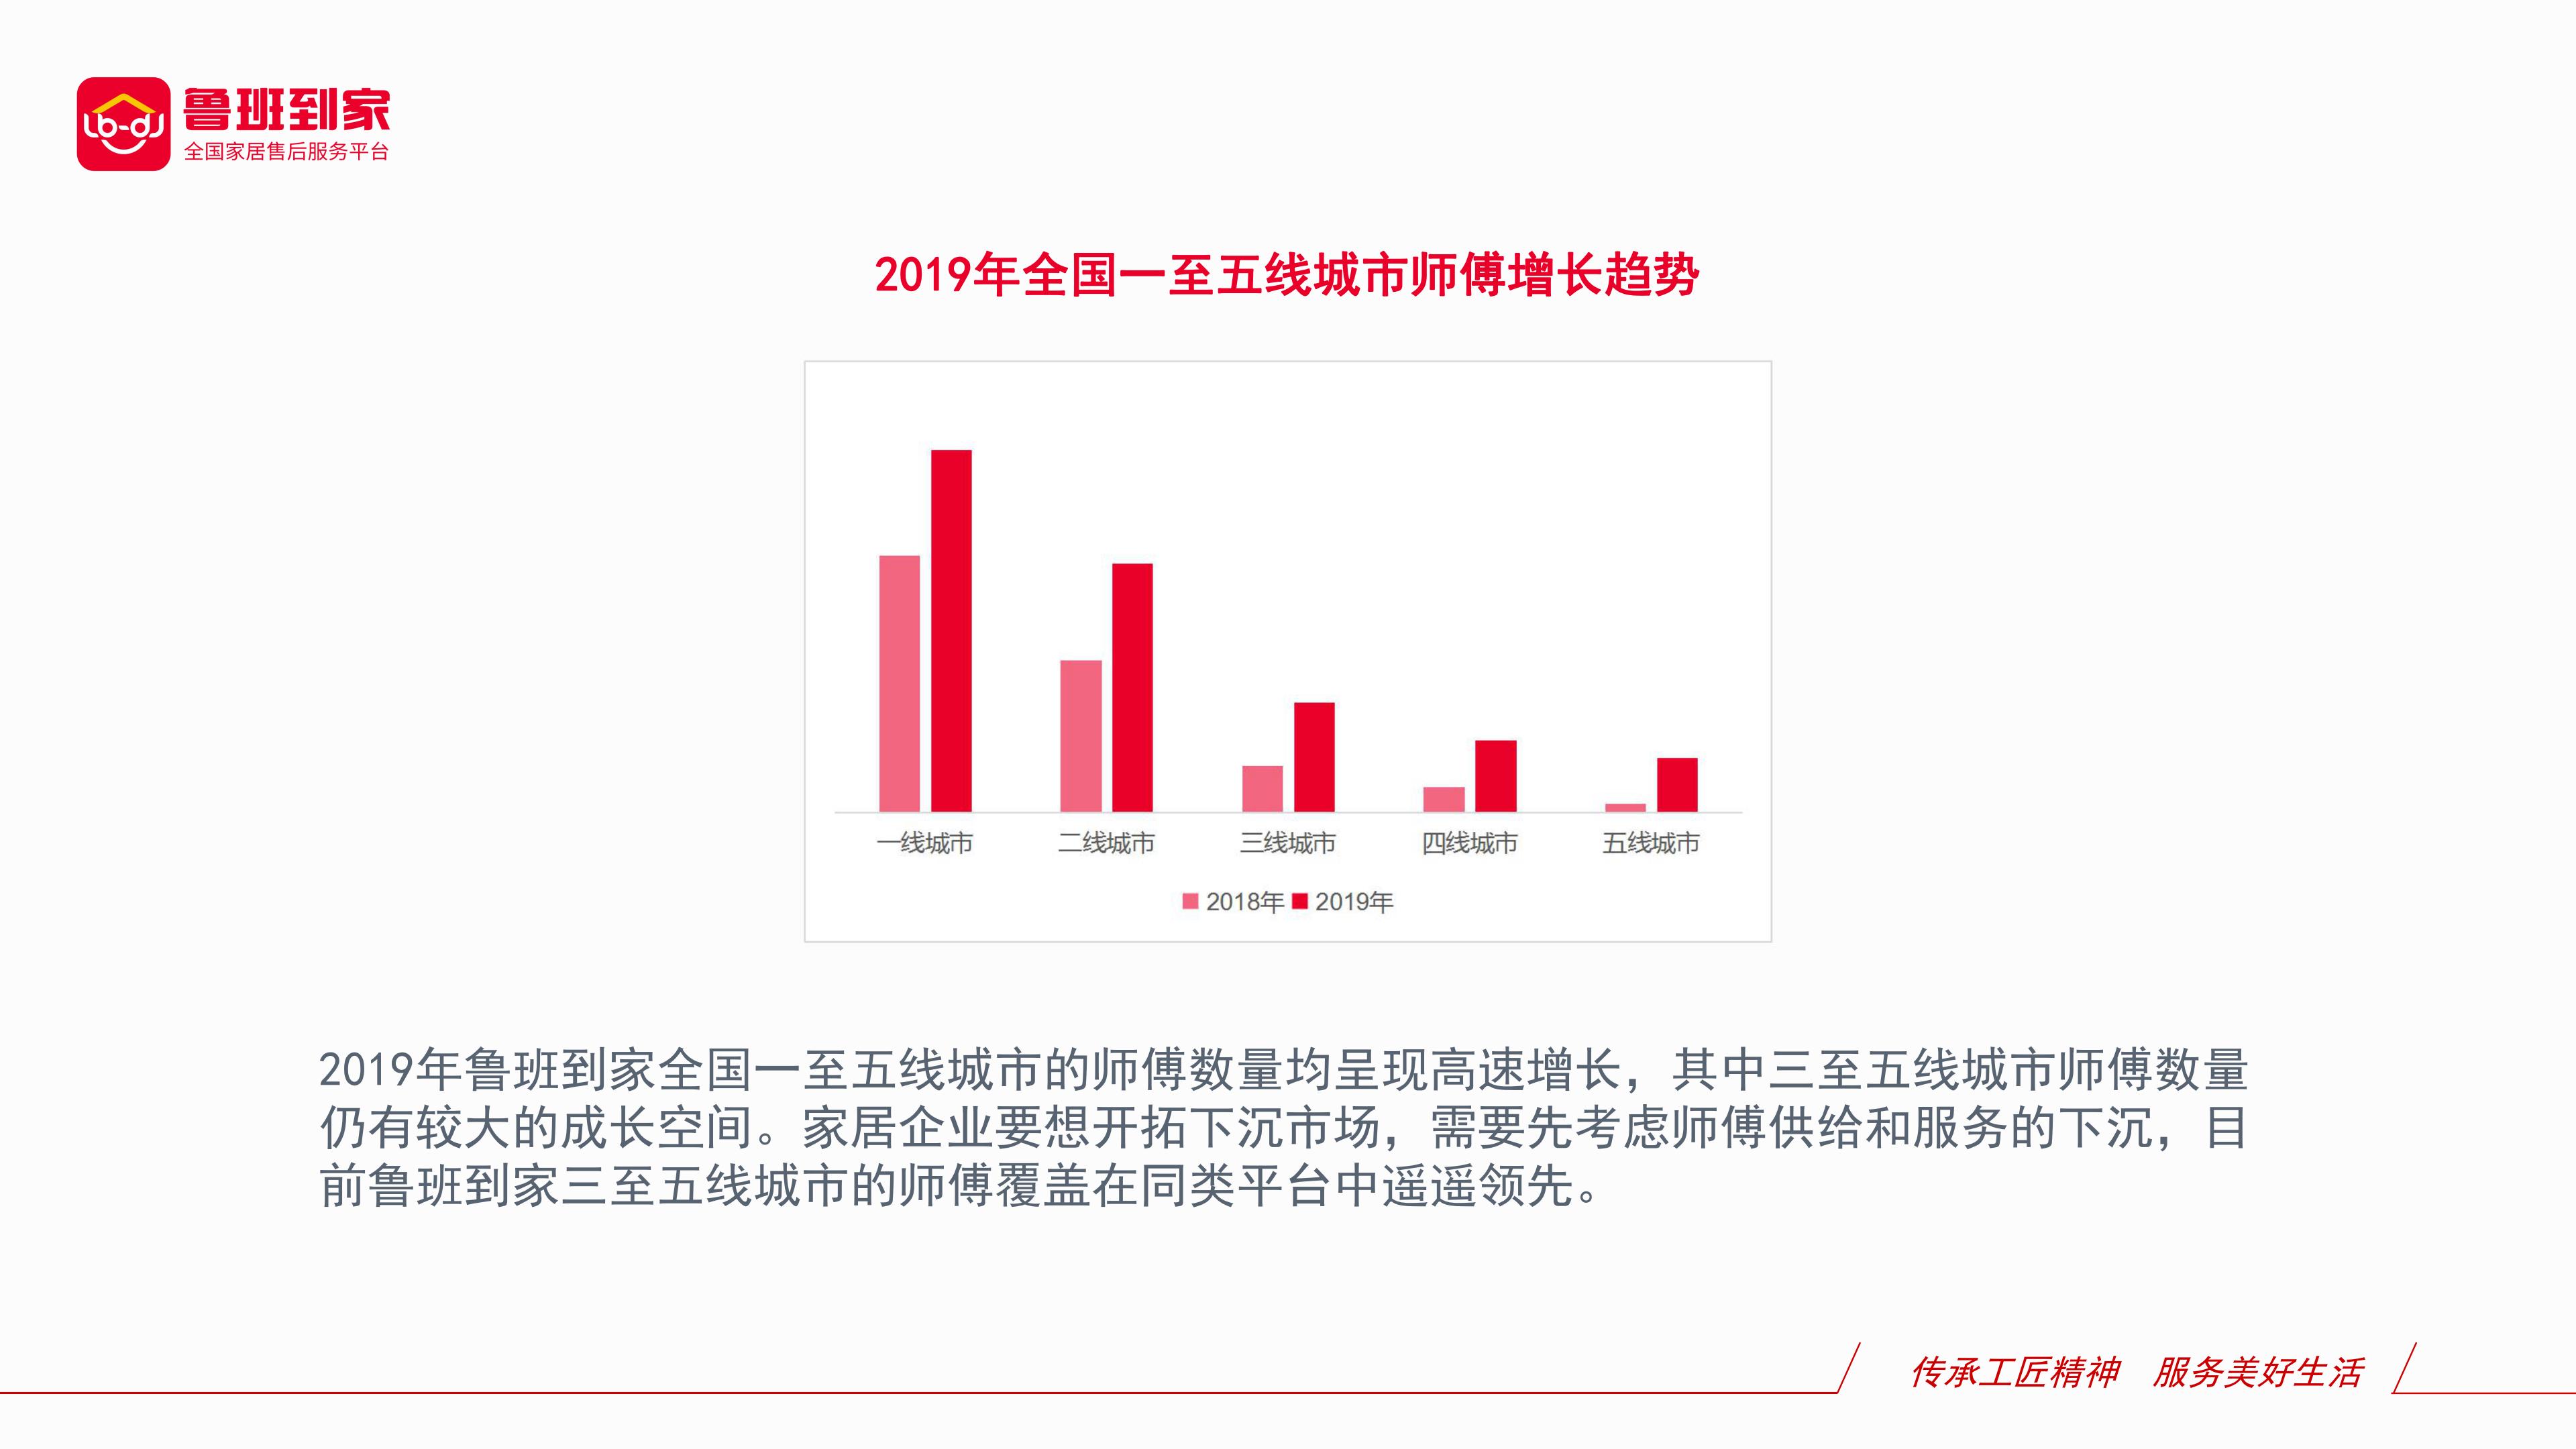 2019年家居售后服务行业年度数据分析报告